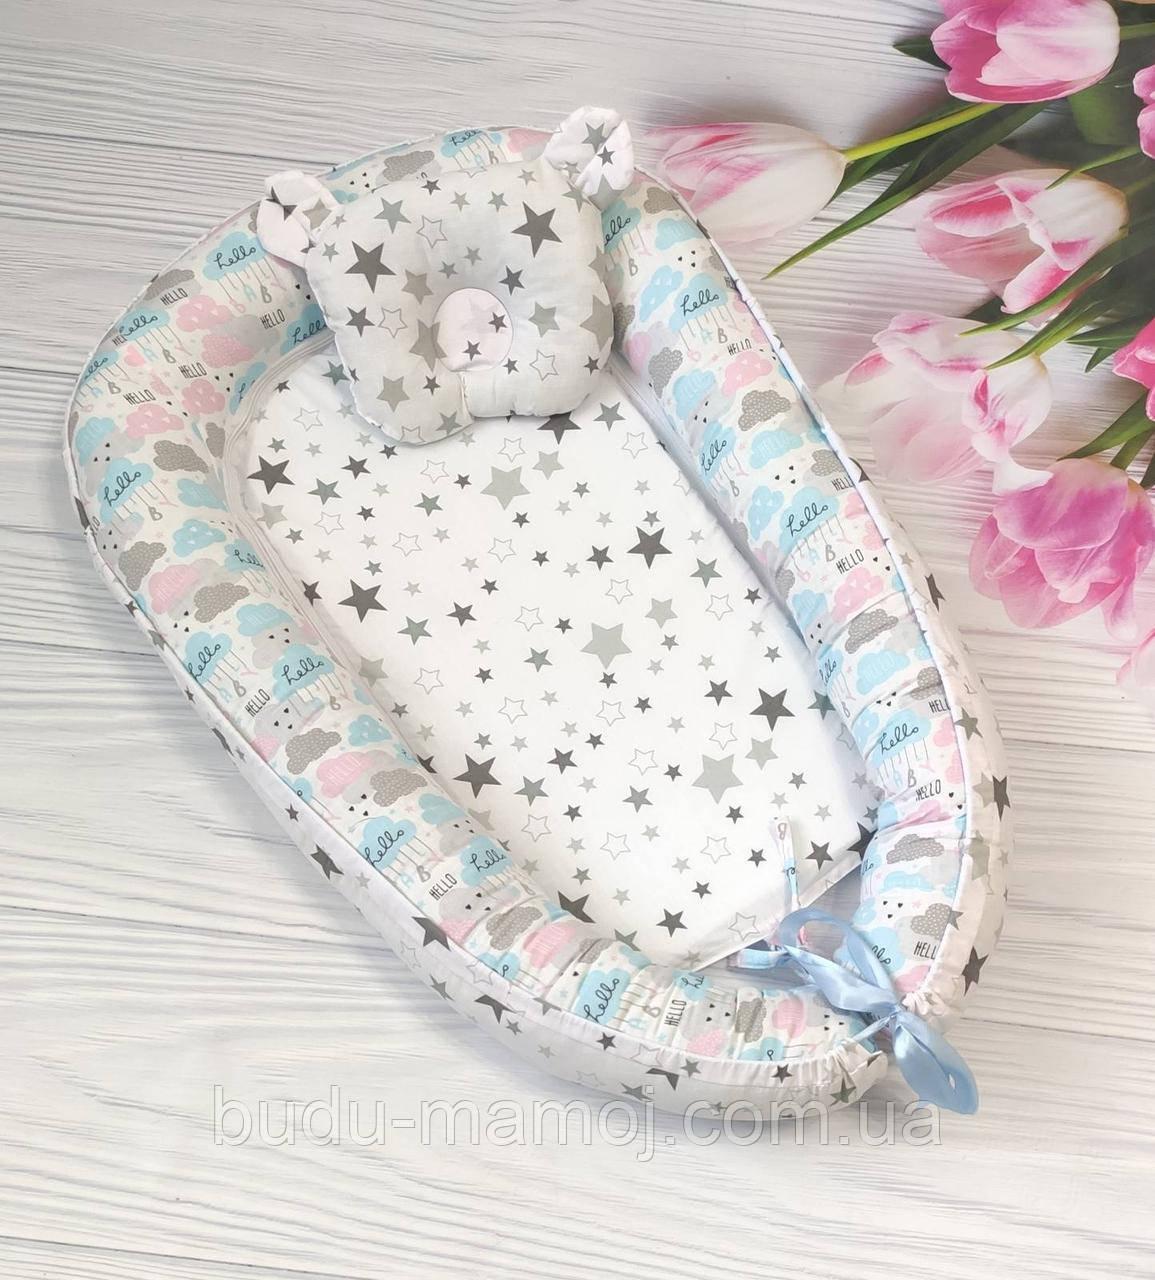 Кокон для новорожденного гнездышко двухстороннее на молнии + подушка в подарок